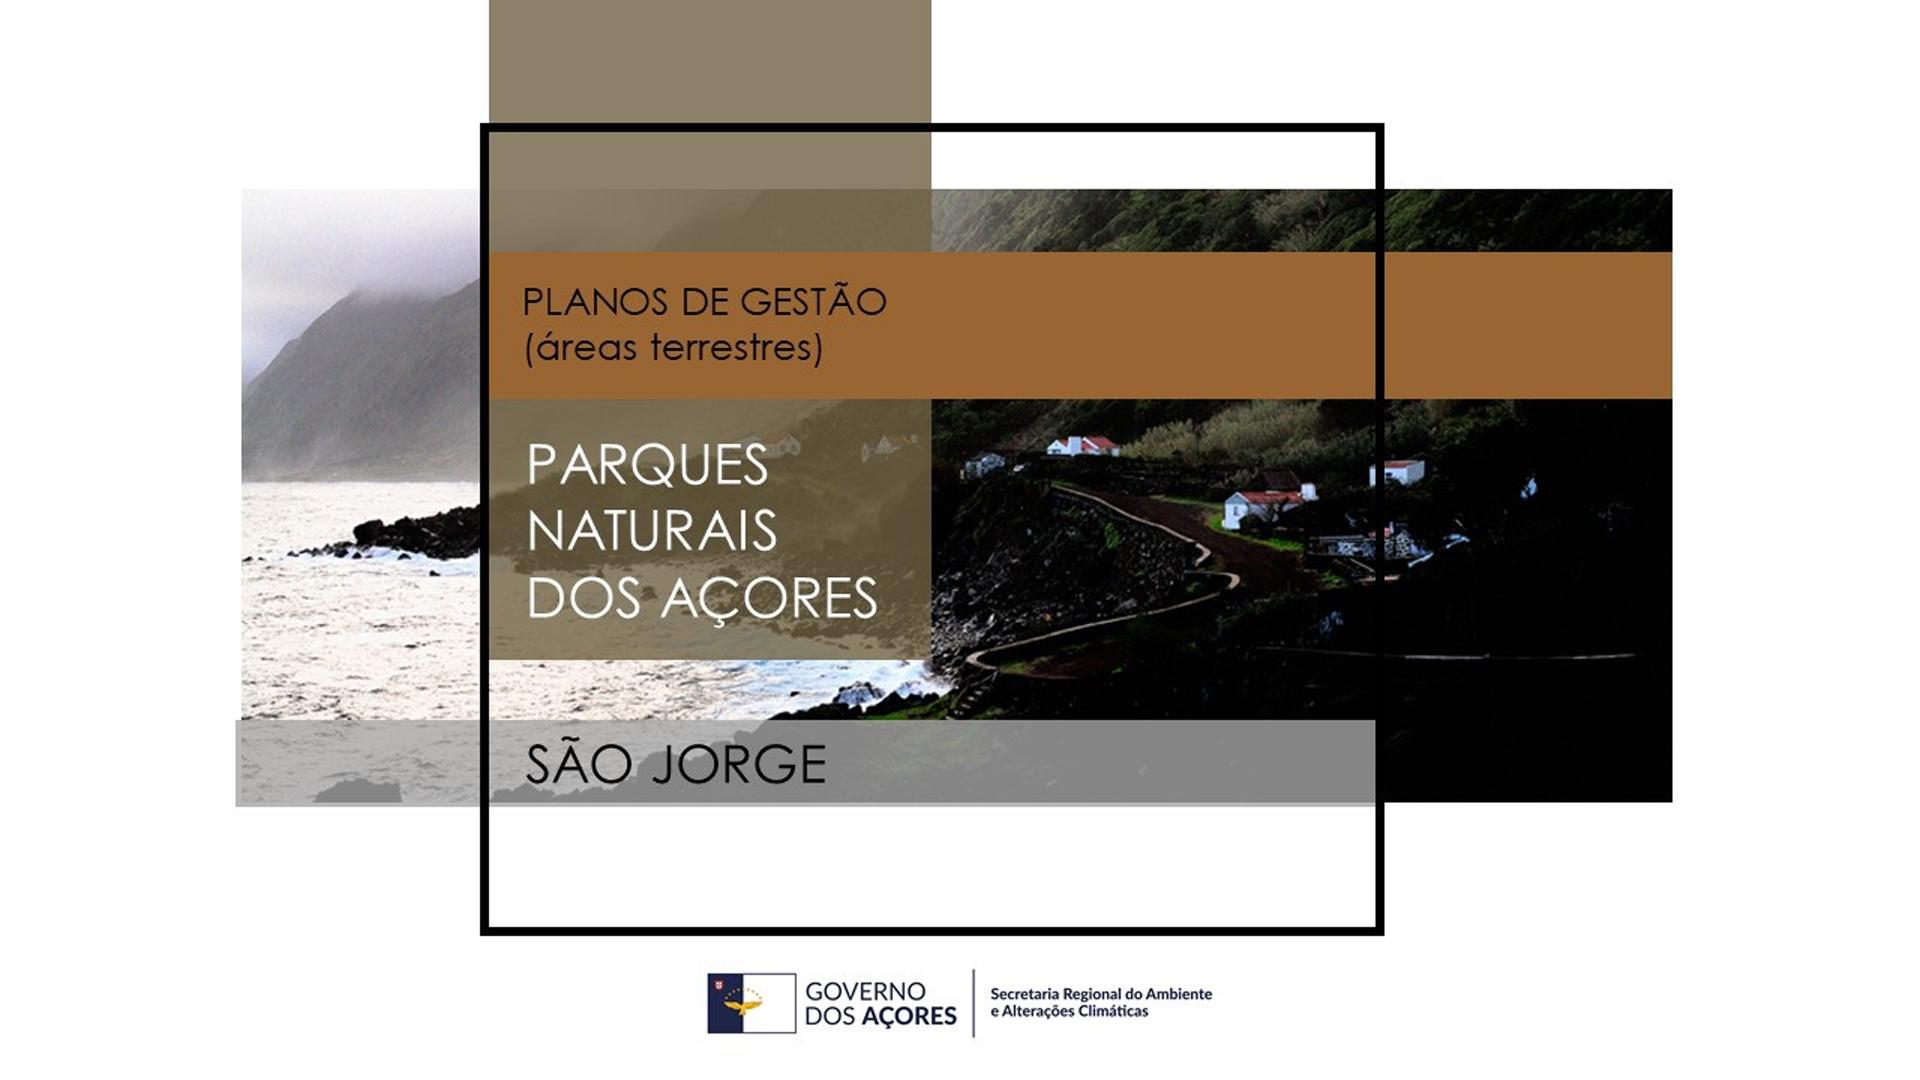 Sessão Pública do Plano de Gestão das Áreas Terrestres do Parque Natural da Ilha de São Jorge decorre na quarta-feira